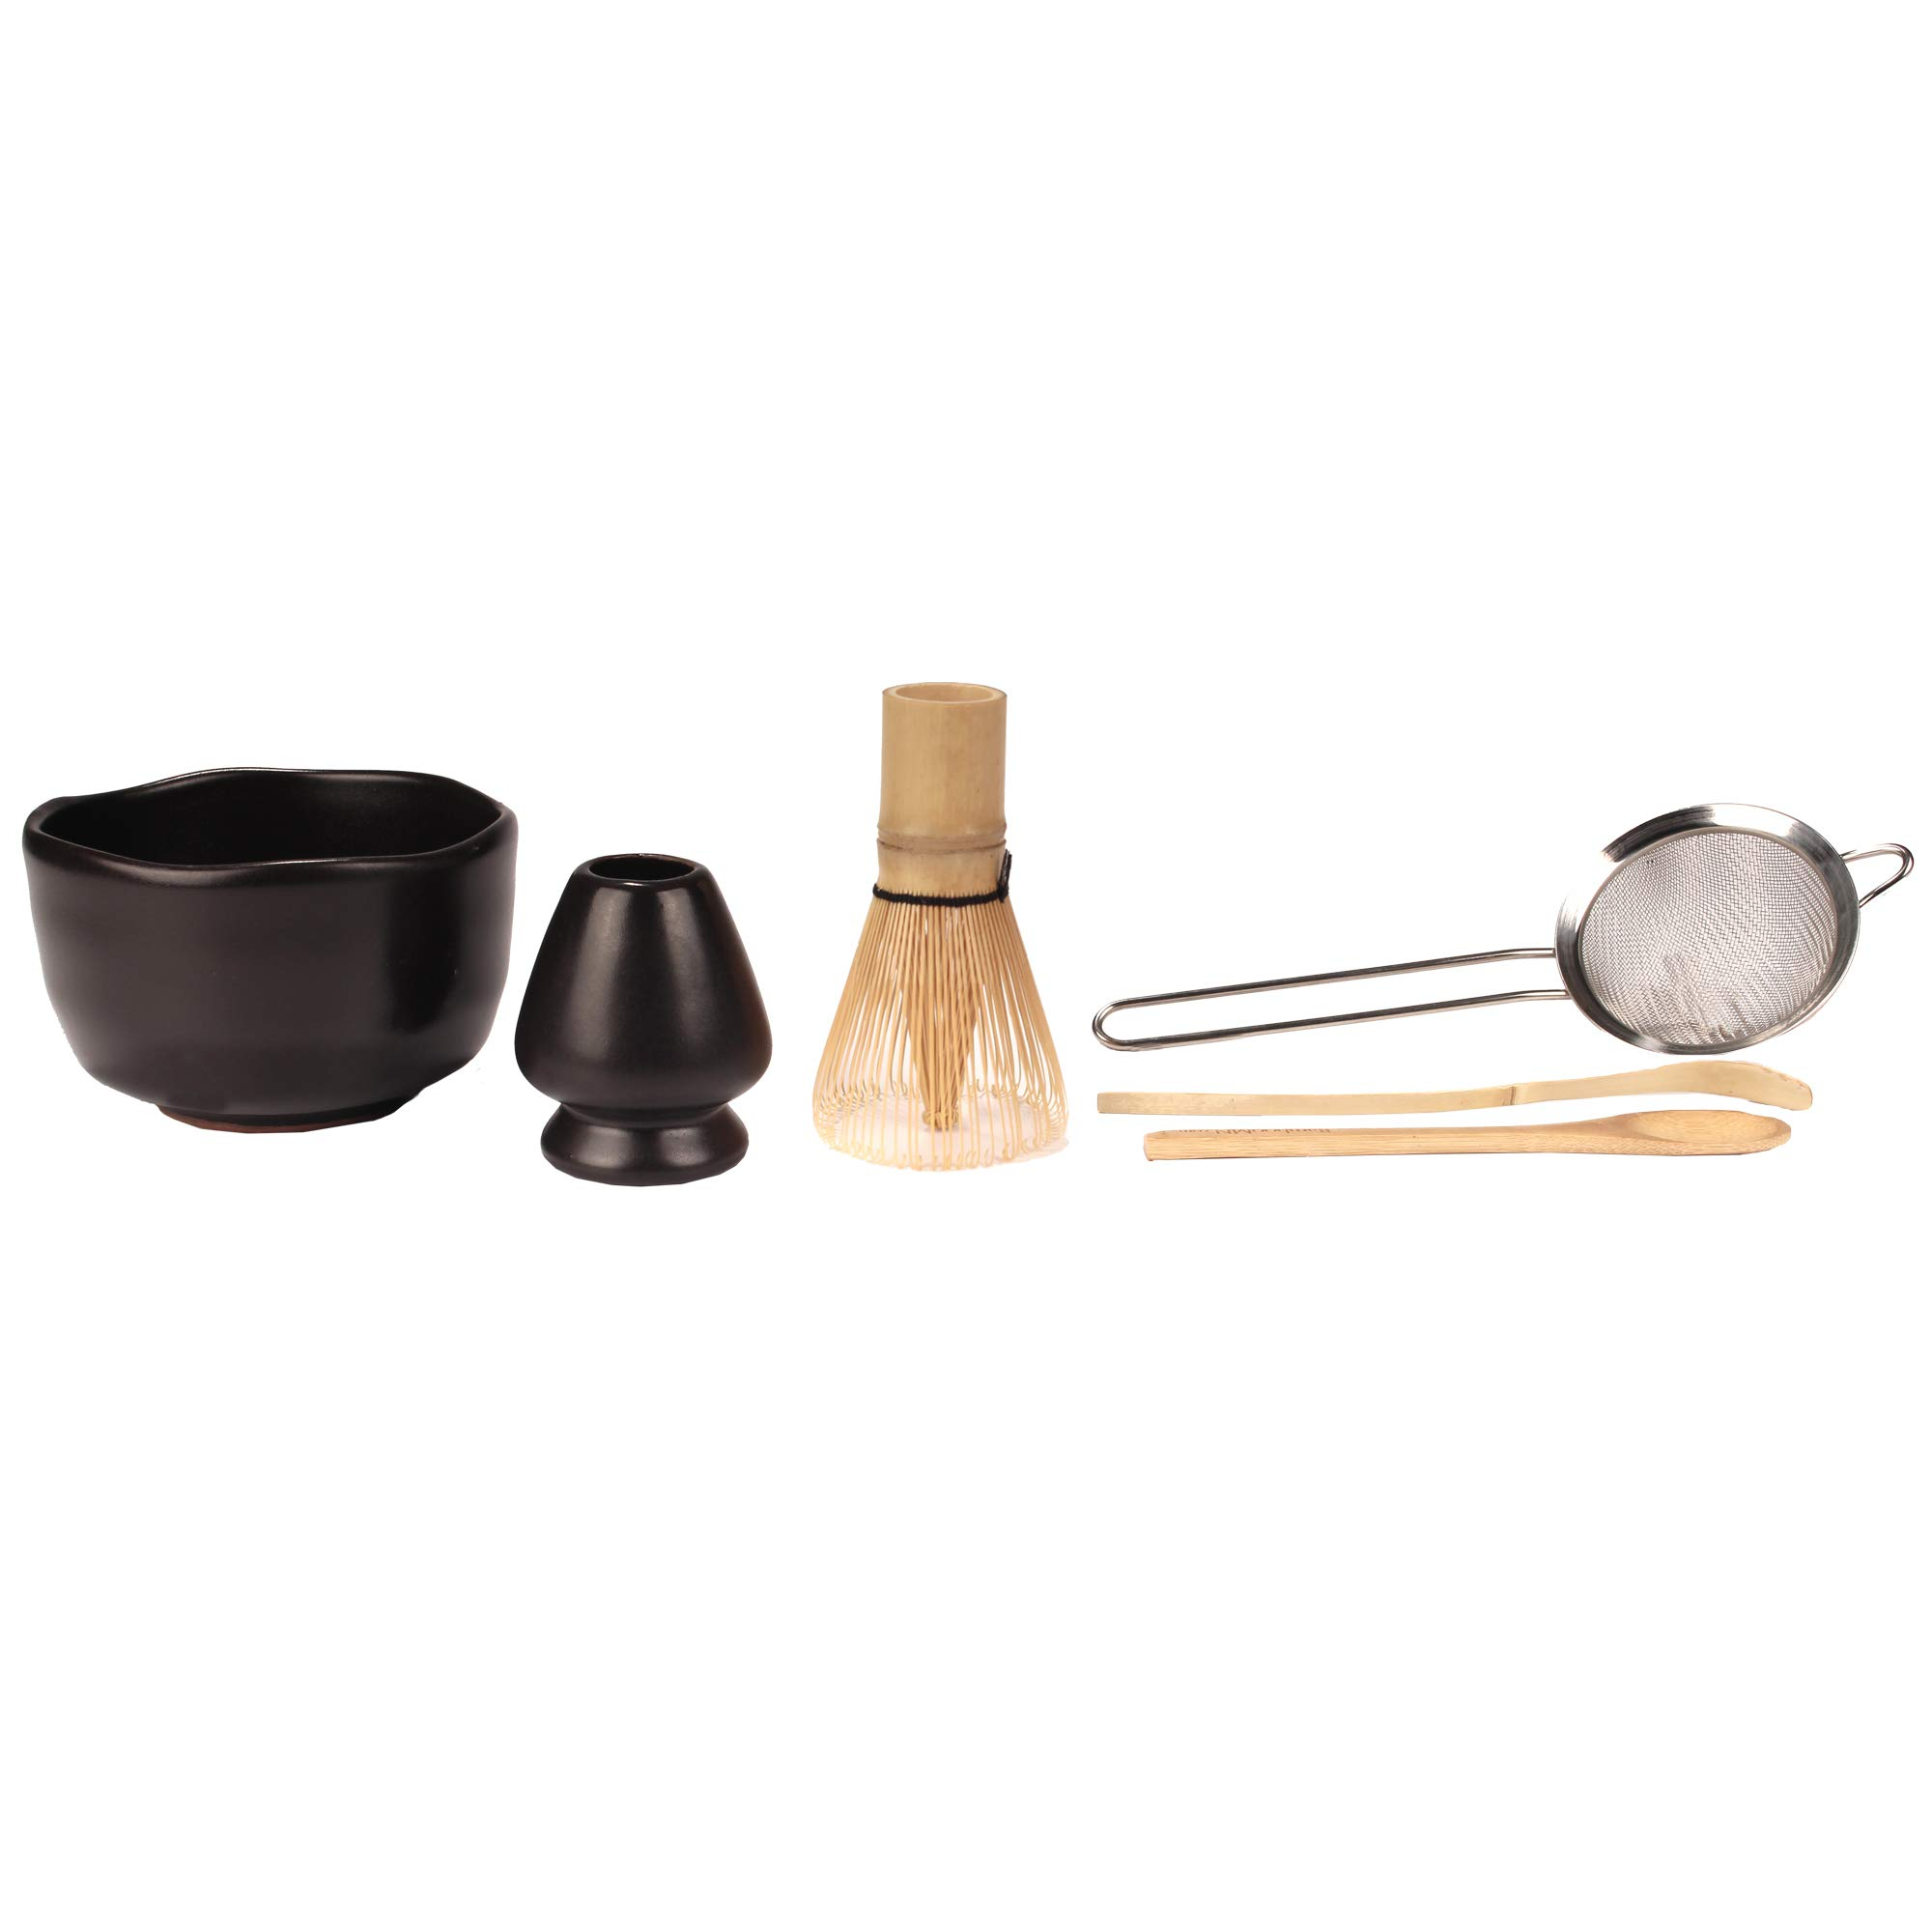 Japanese Ceremonial Matcha Green Tea Whisk Set - Golden Chasen Whisk, Chashaku, Tea Spoon, Black Bowl, Black Rest, Strainer by BambooMN